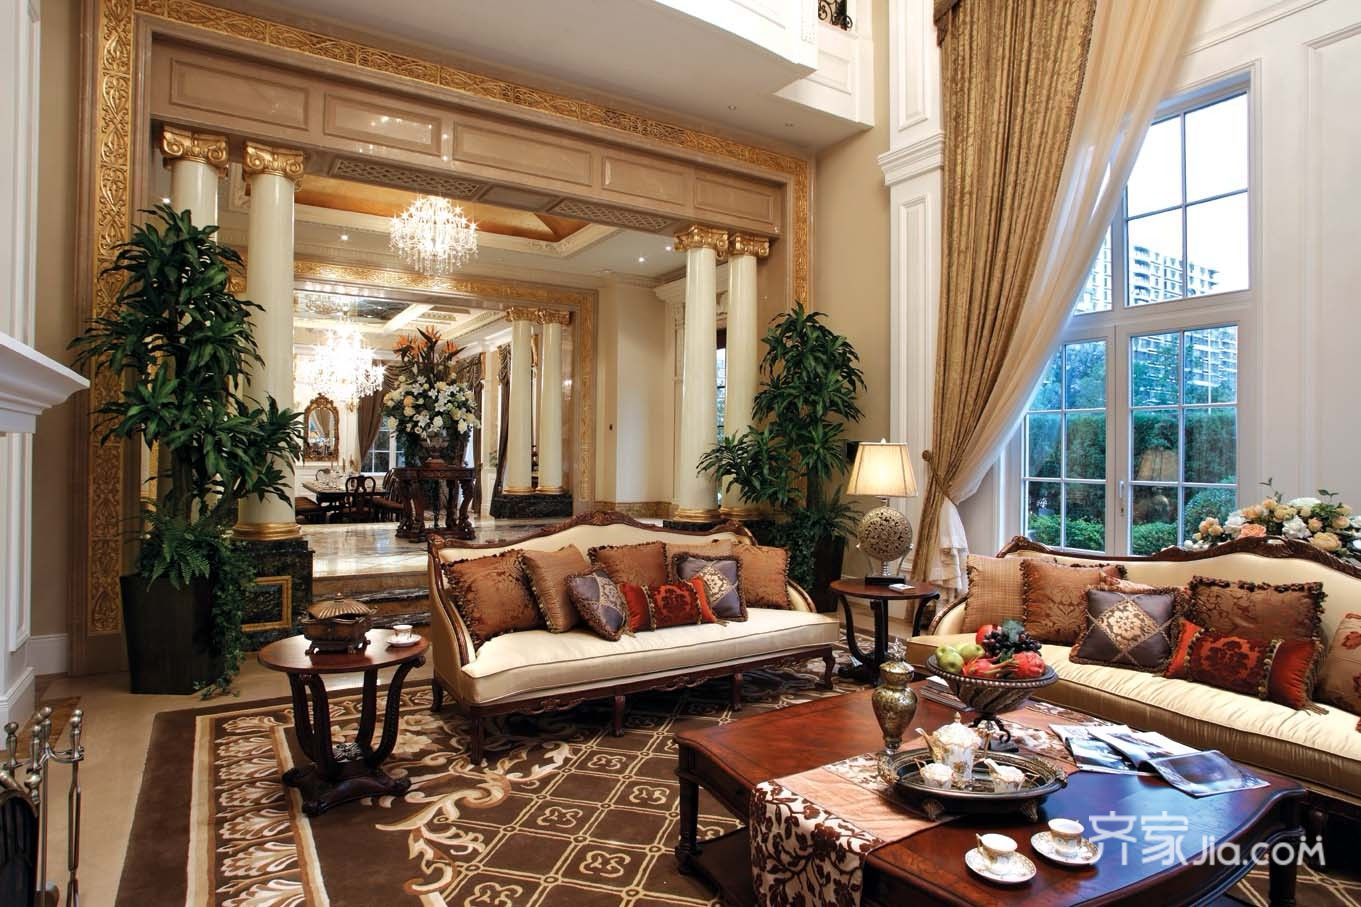 美式豪华别墅装修客厅设计图